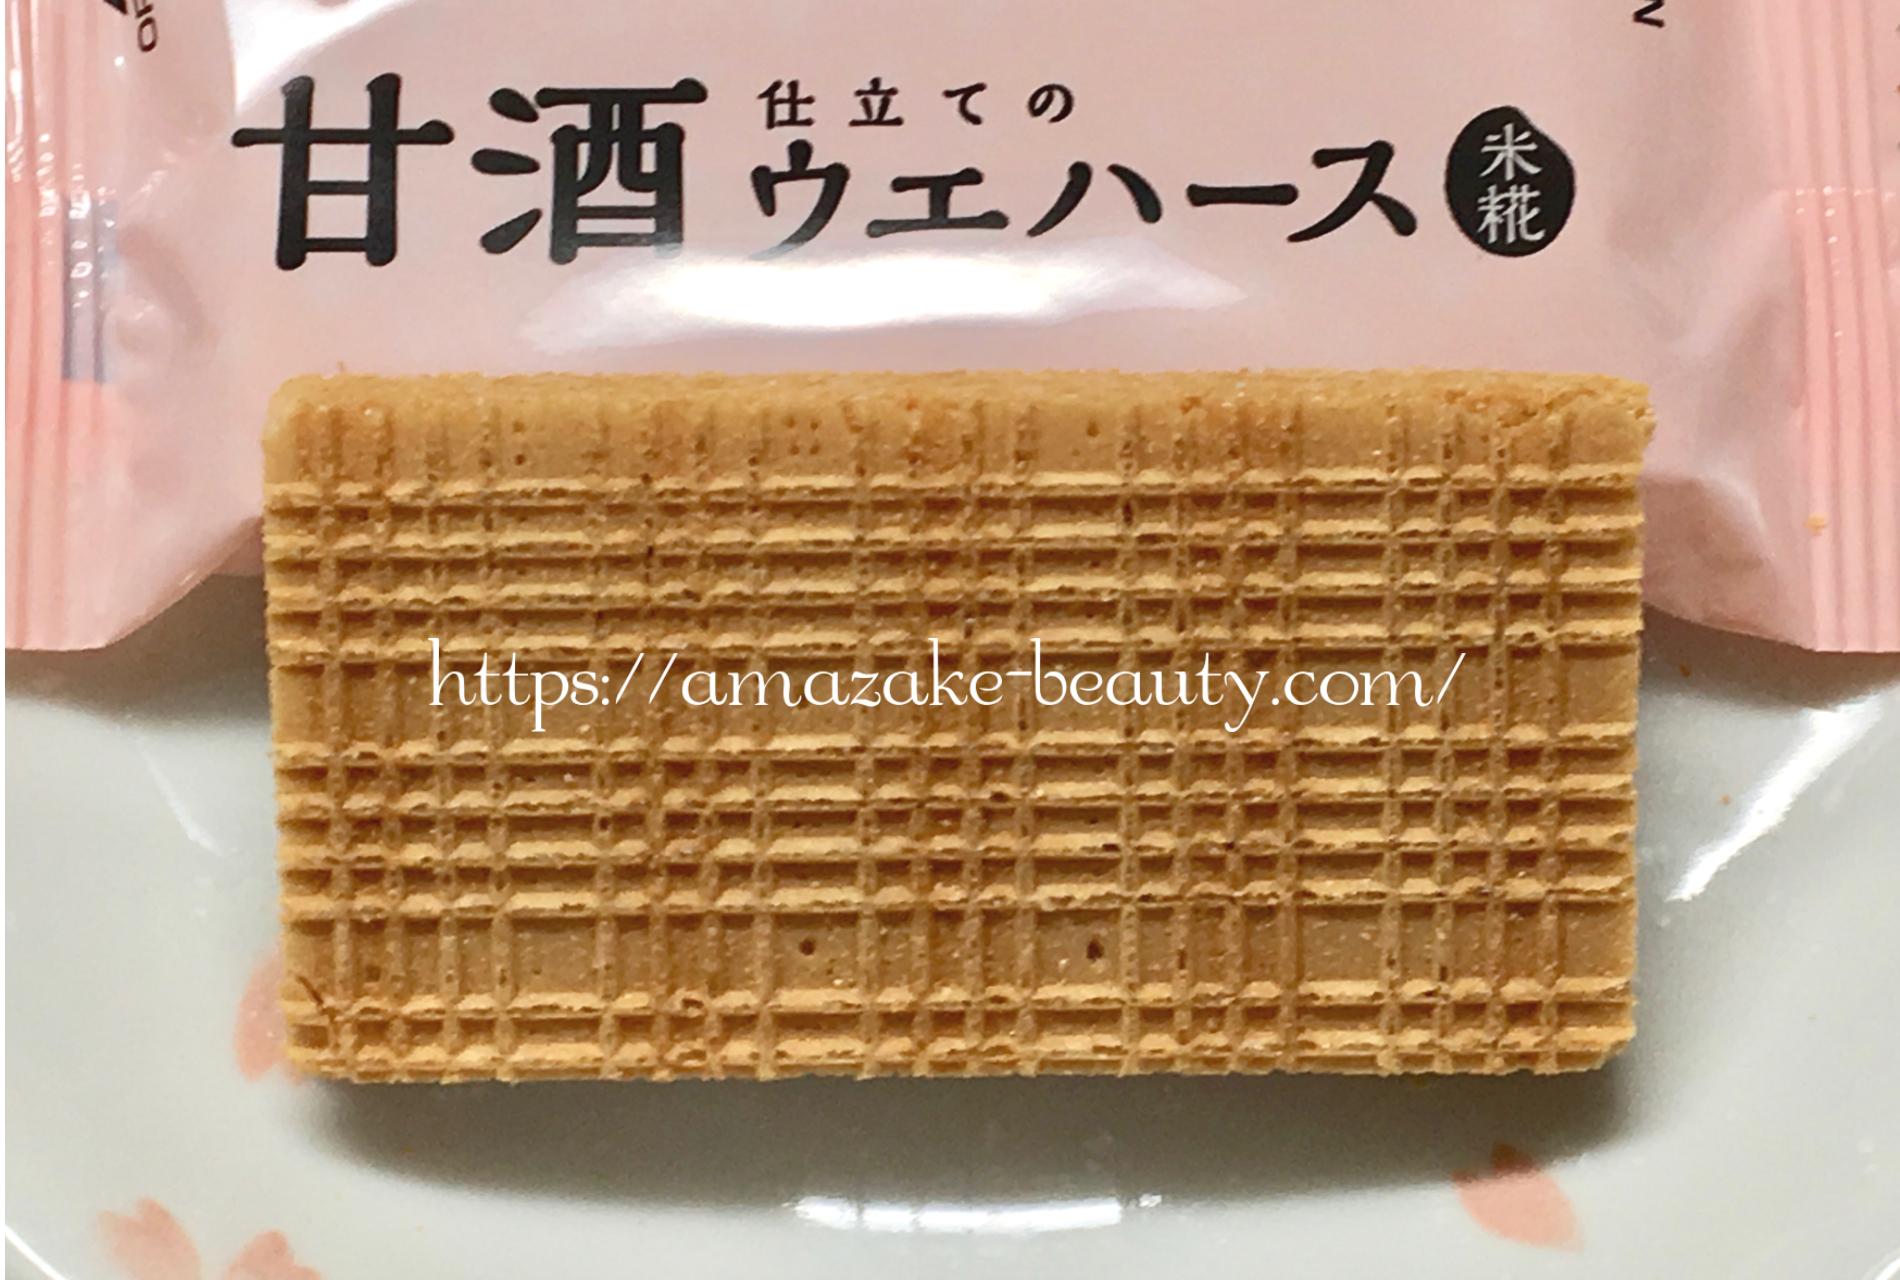 [amazake sweets]burubon[amazake jitate no uehasu](review)